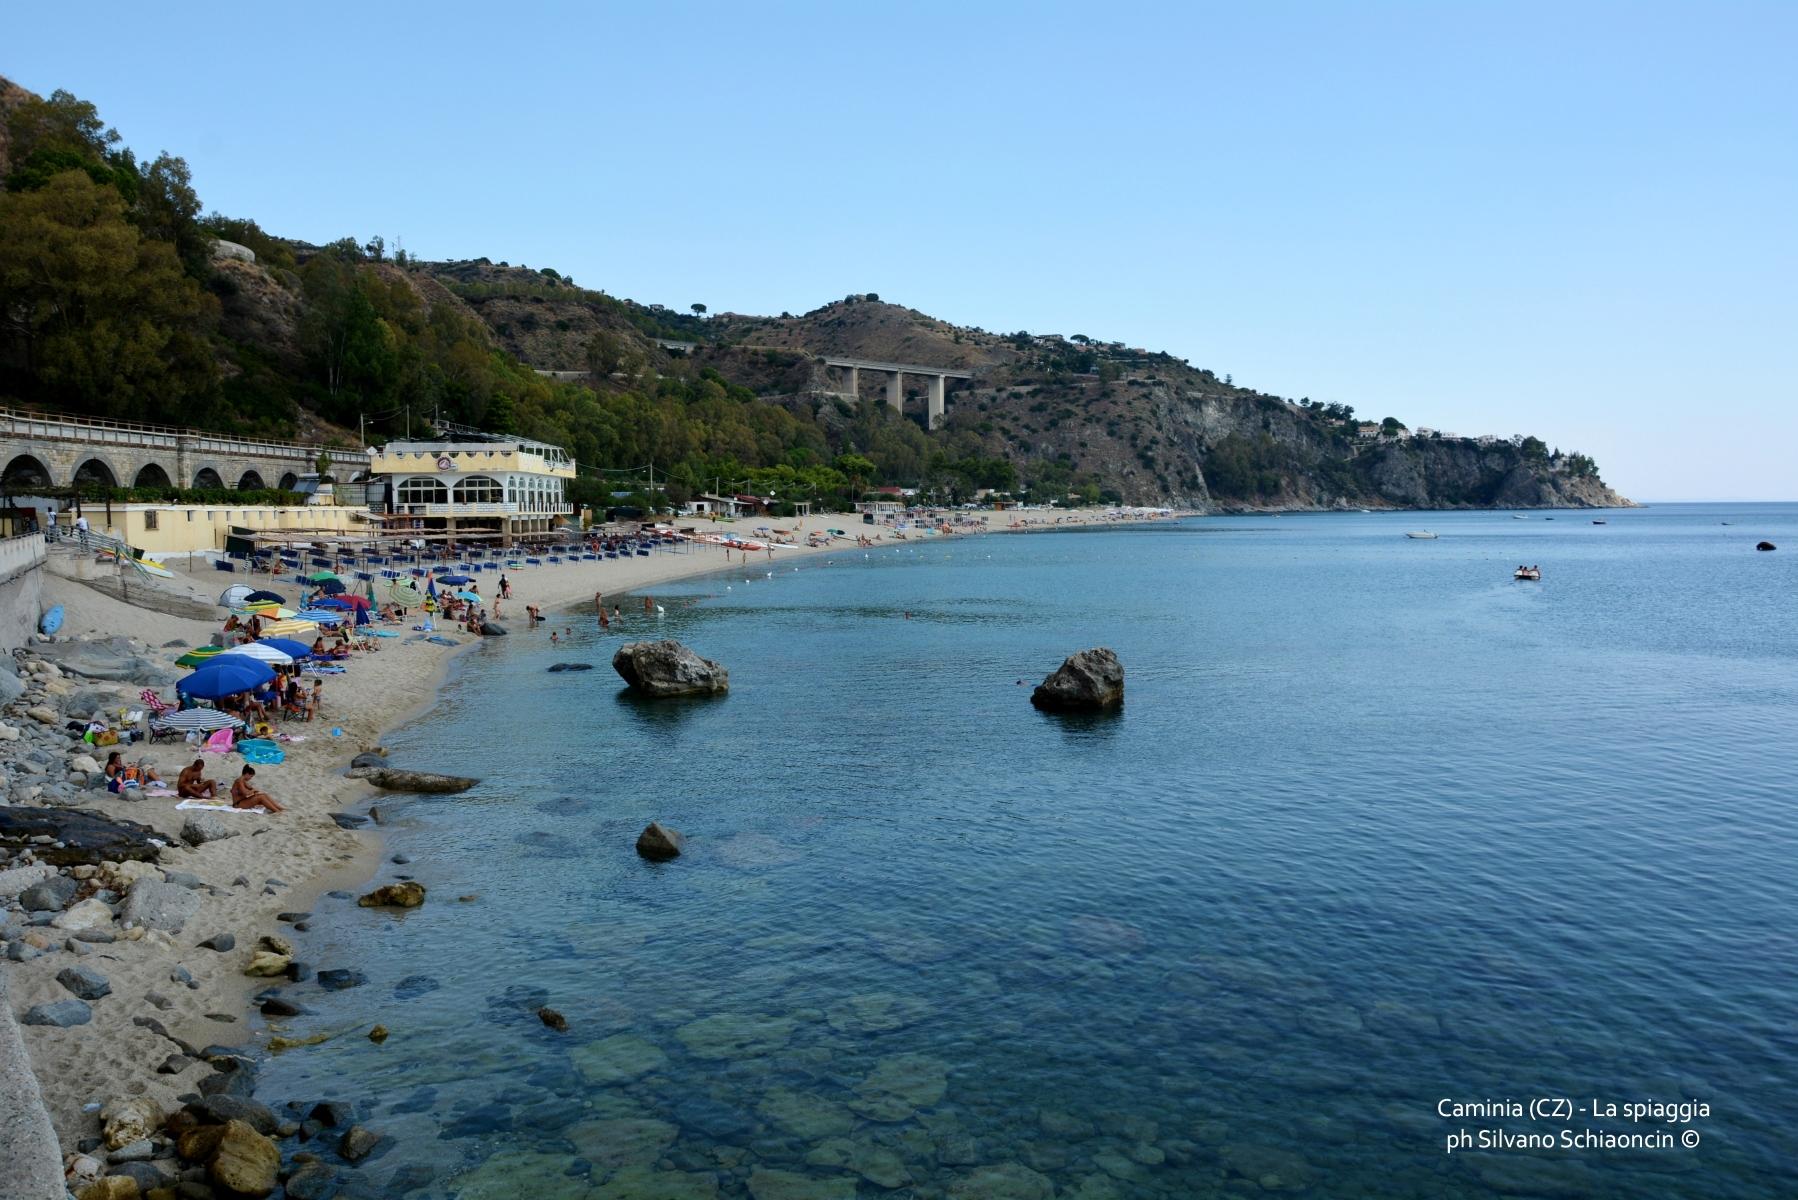 Caminia di Stalettì (CZ): uno scrigno sul mar Ionio.